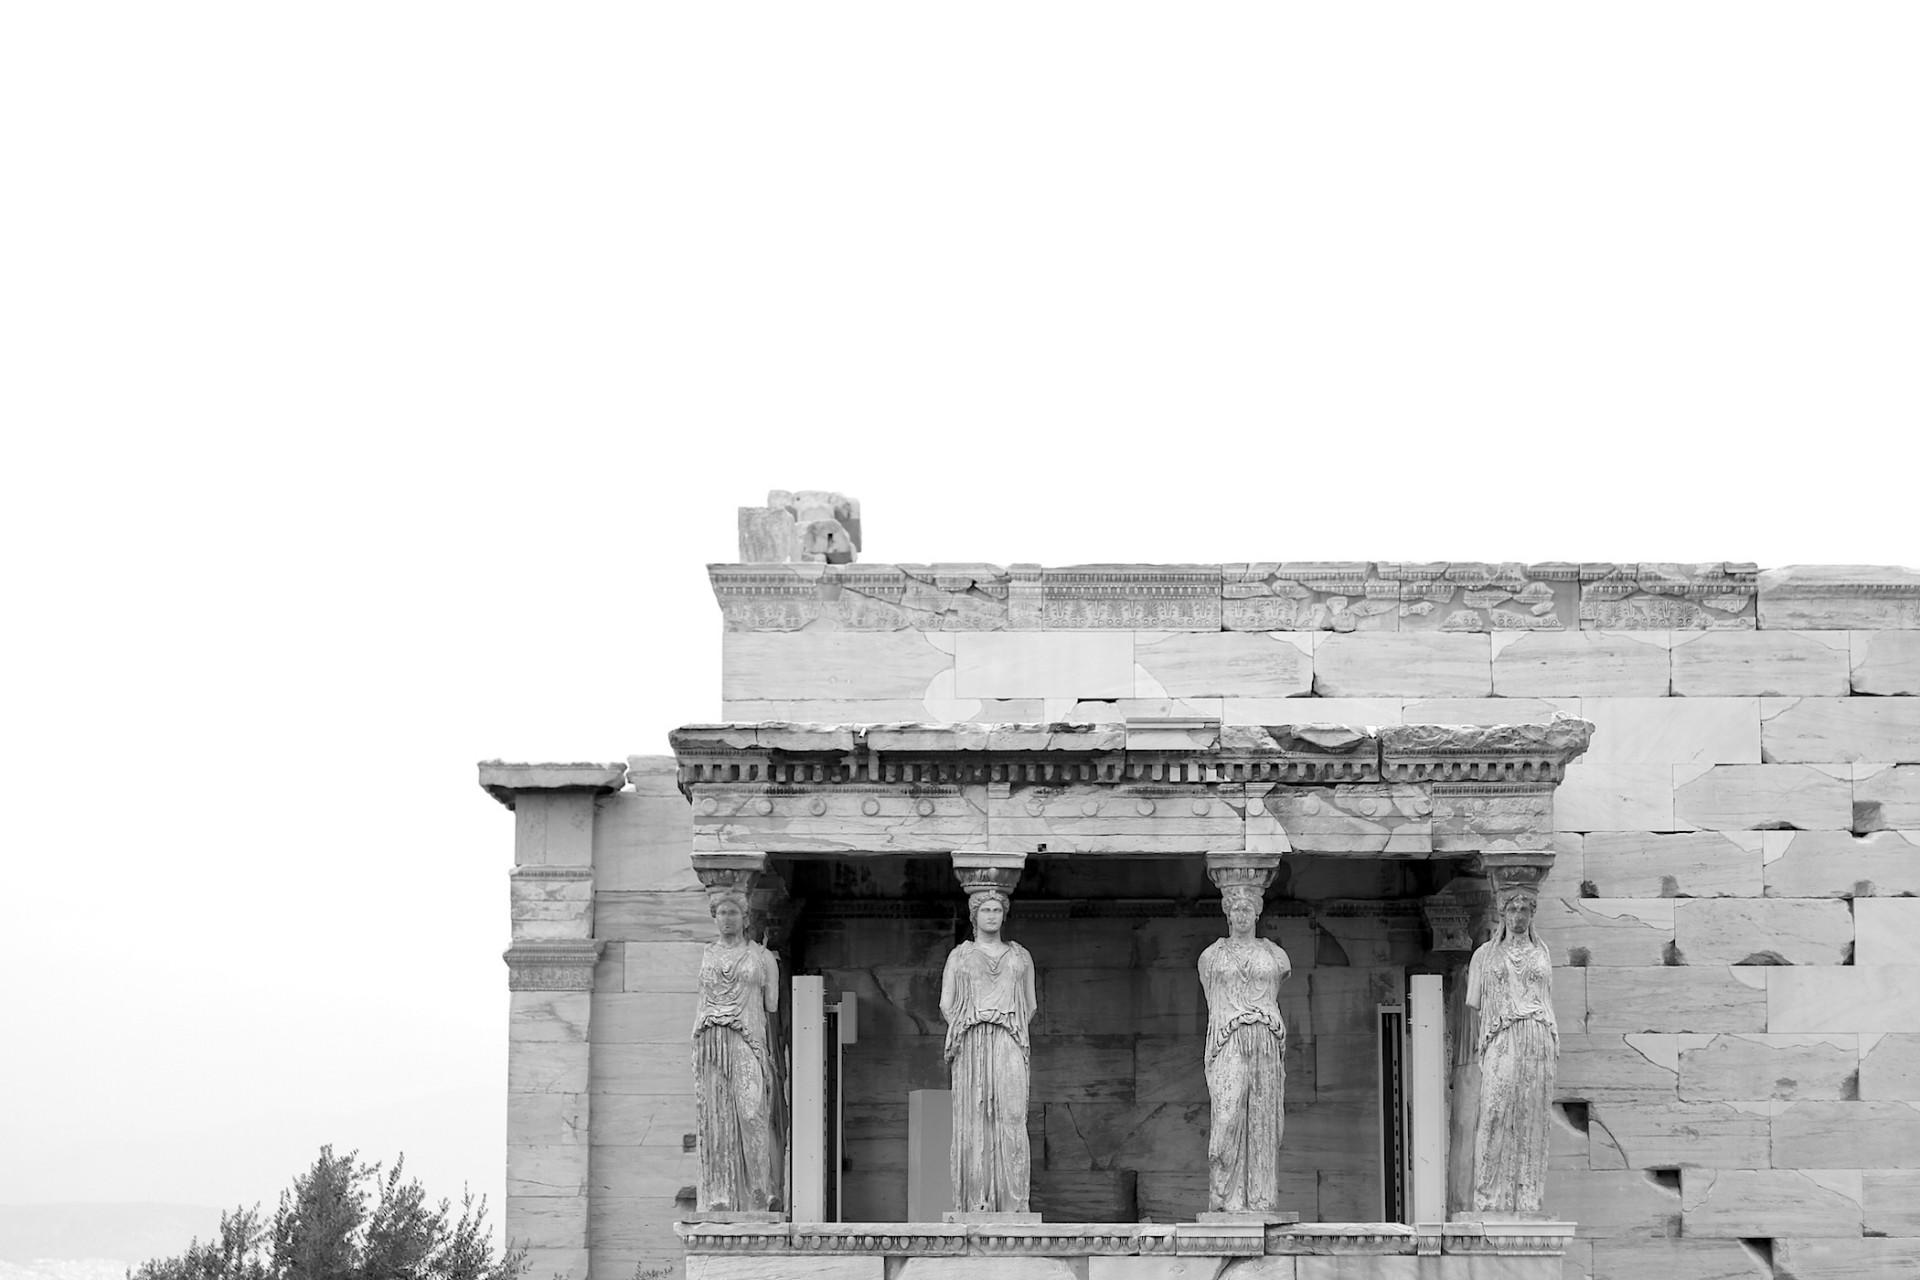 Das Erechtheion. Er ist seit jeher der heilige Ort auf der Akropolis. Verschiedene kultische Funktionen und ionische Raumkomponenten wurden harmonisch zu einem Ganzen gefügt. Besonders augenfällig ist die Korenhalle an der Südansicht. Sie ist, anders als die übrigen Ansichten, schlicht mit einem Flachdach gedeckt und ohne Giebeldreieck ausgebildet. Sechs schlanke Mädchengestalten tragen die schwere Last des Gebälks: die Karyatiden.